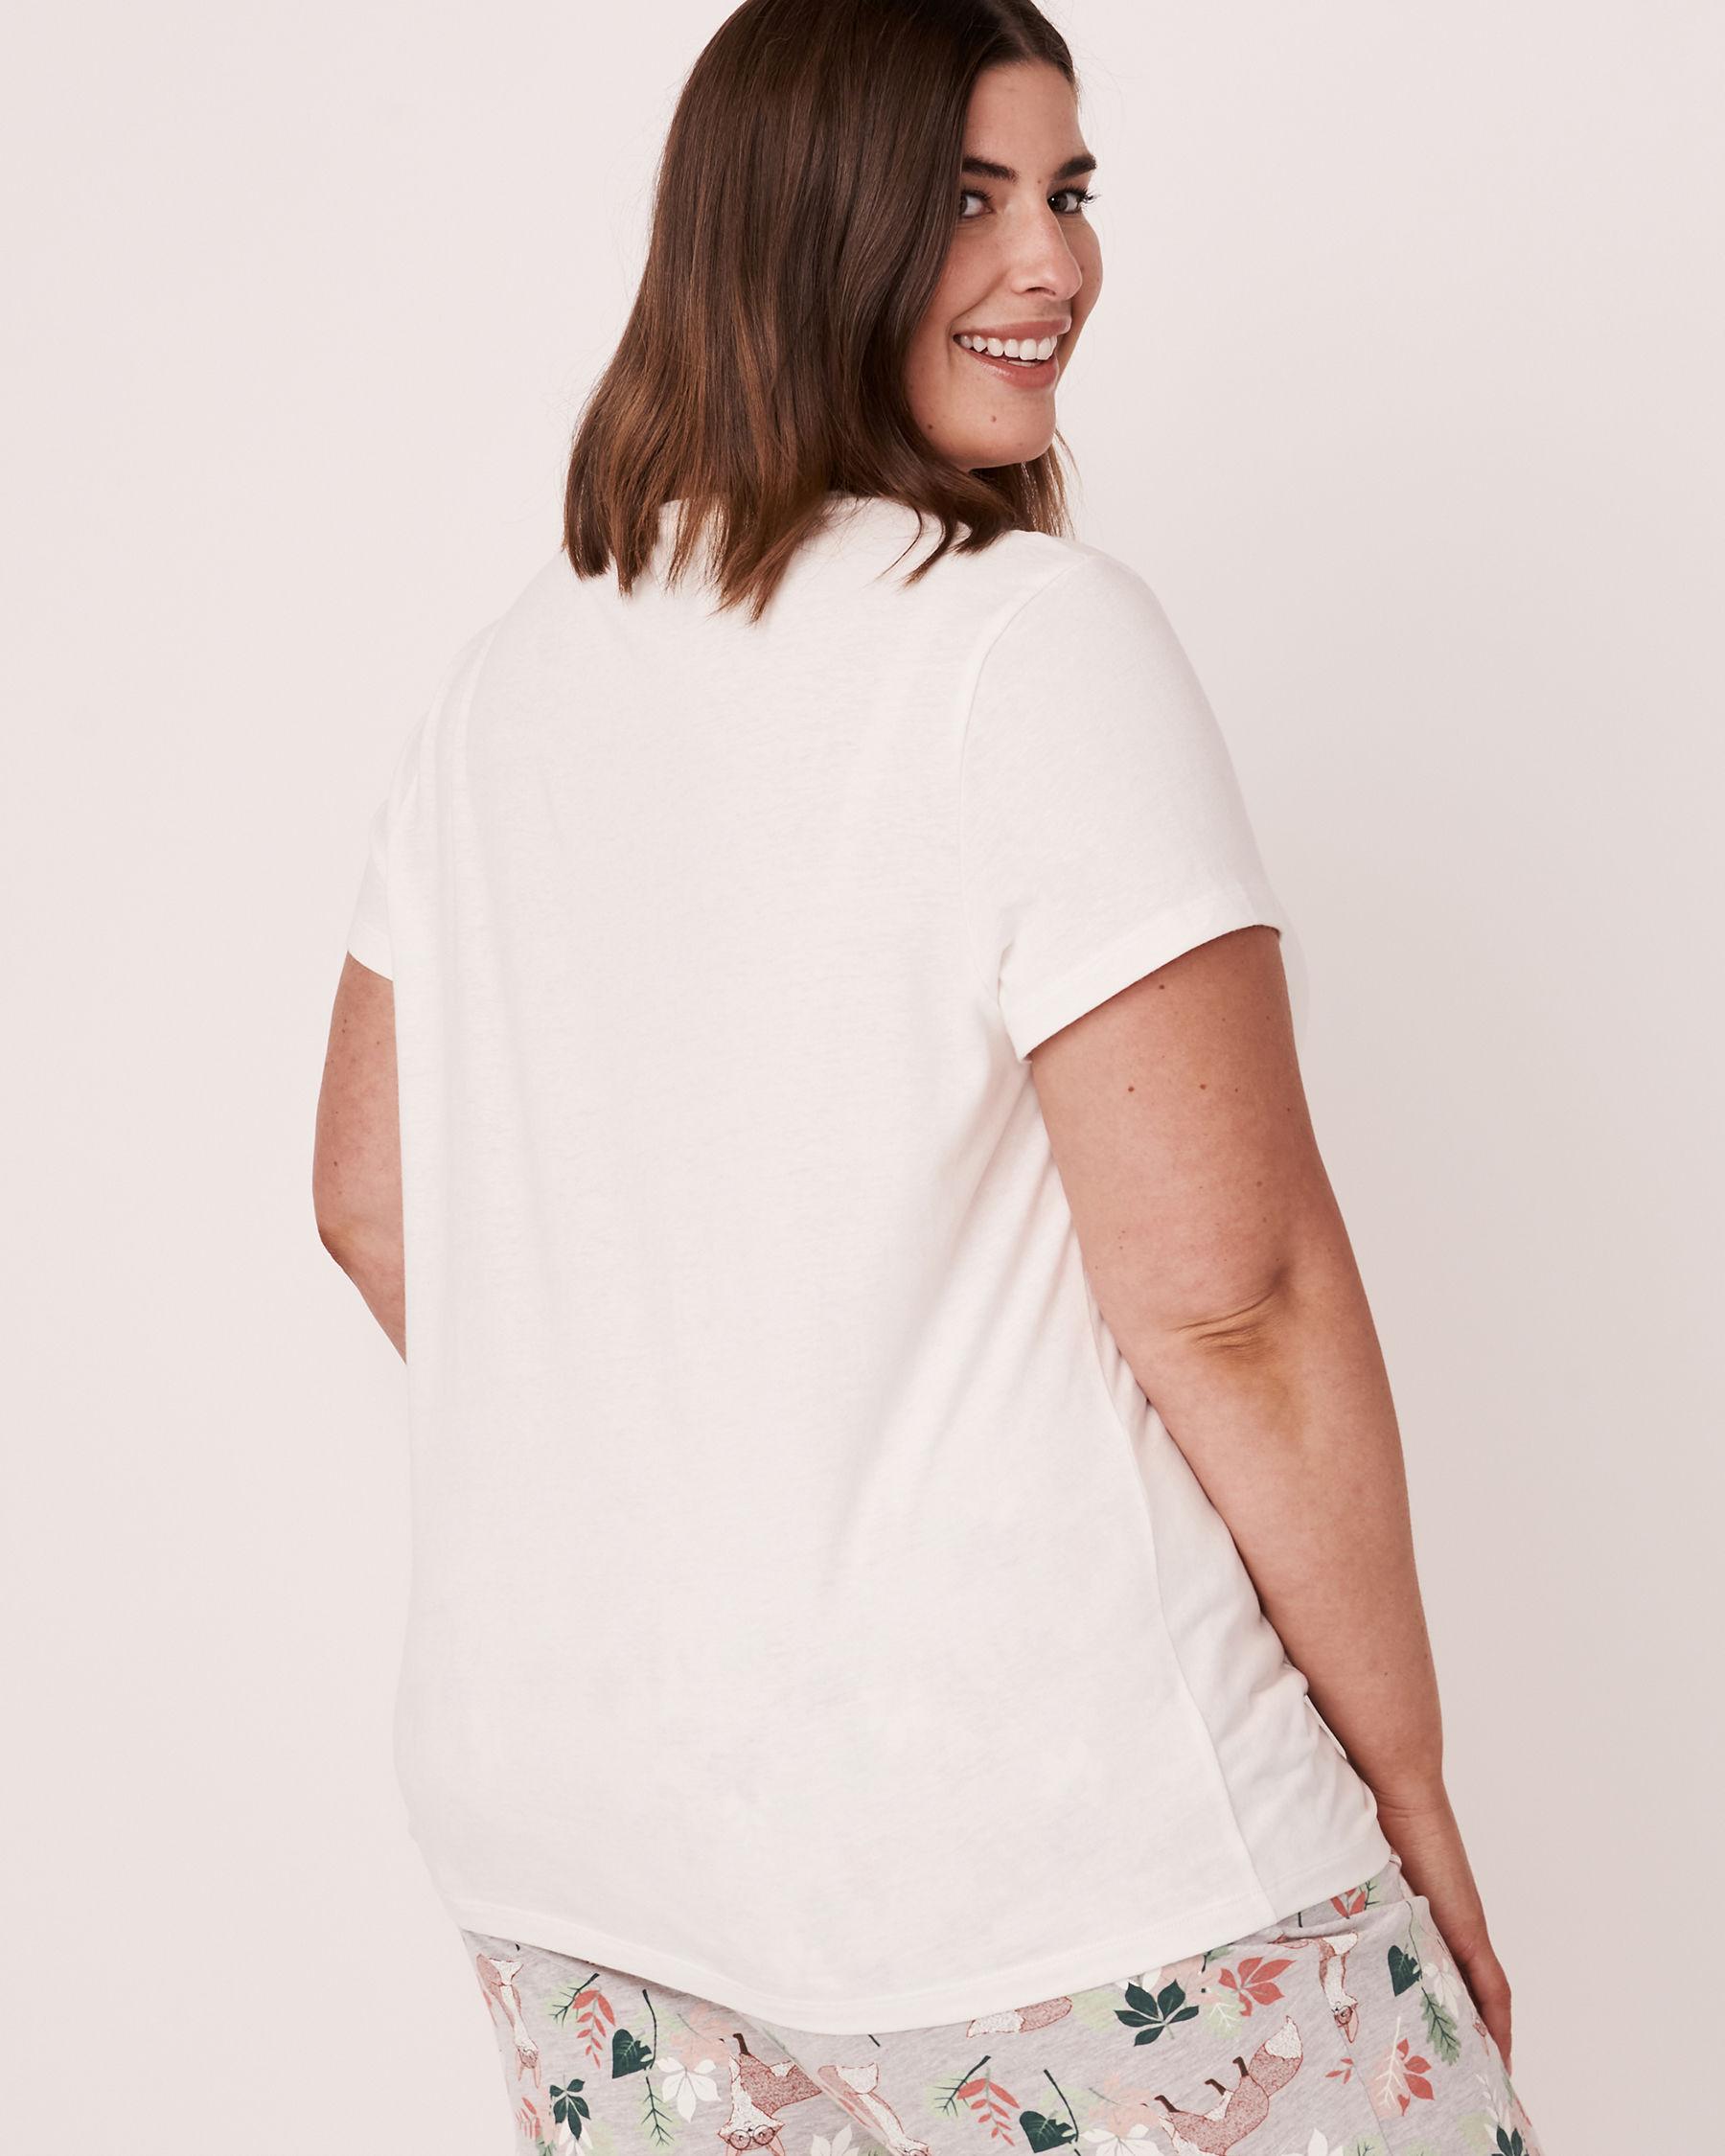 LA VIE EN ROSE Twisted T-shirt White 40100097 - View2